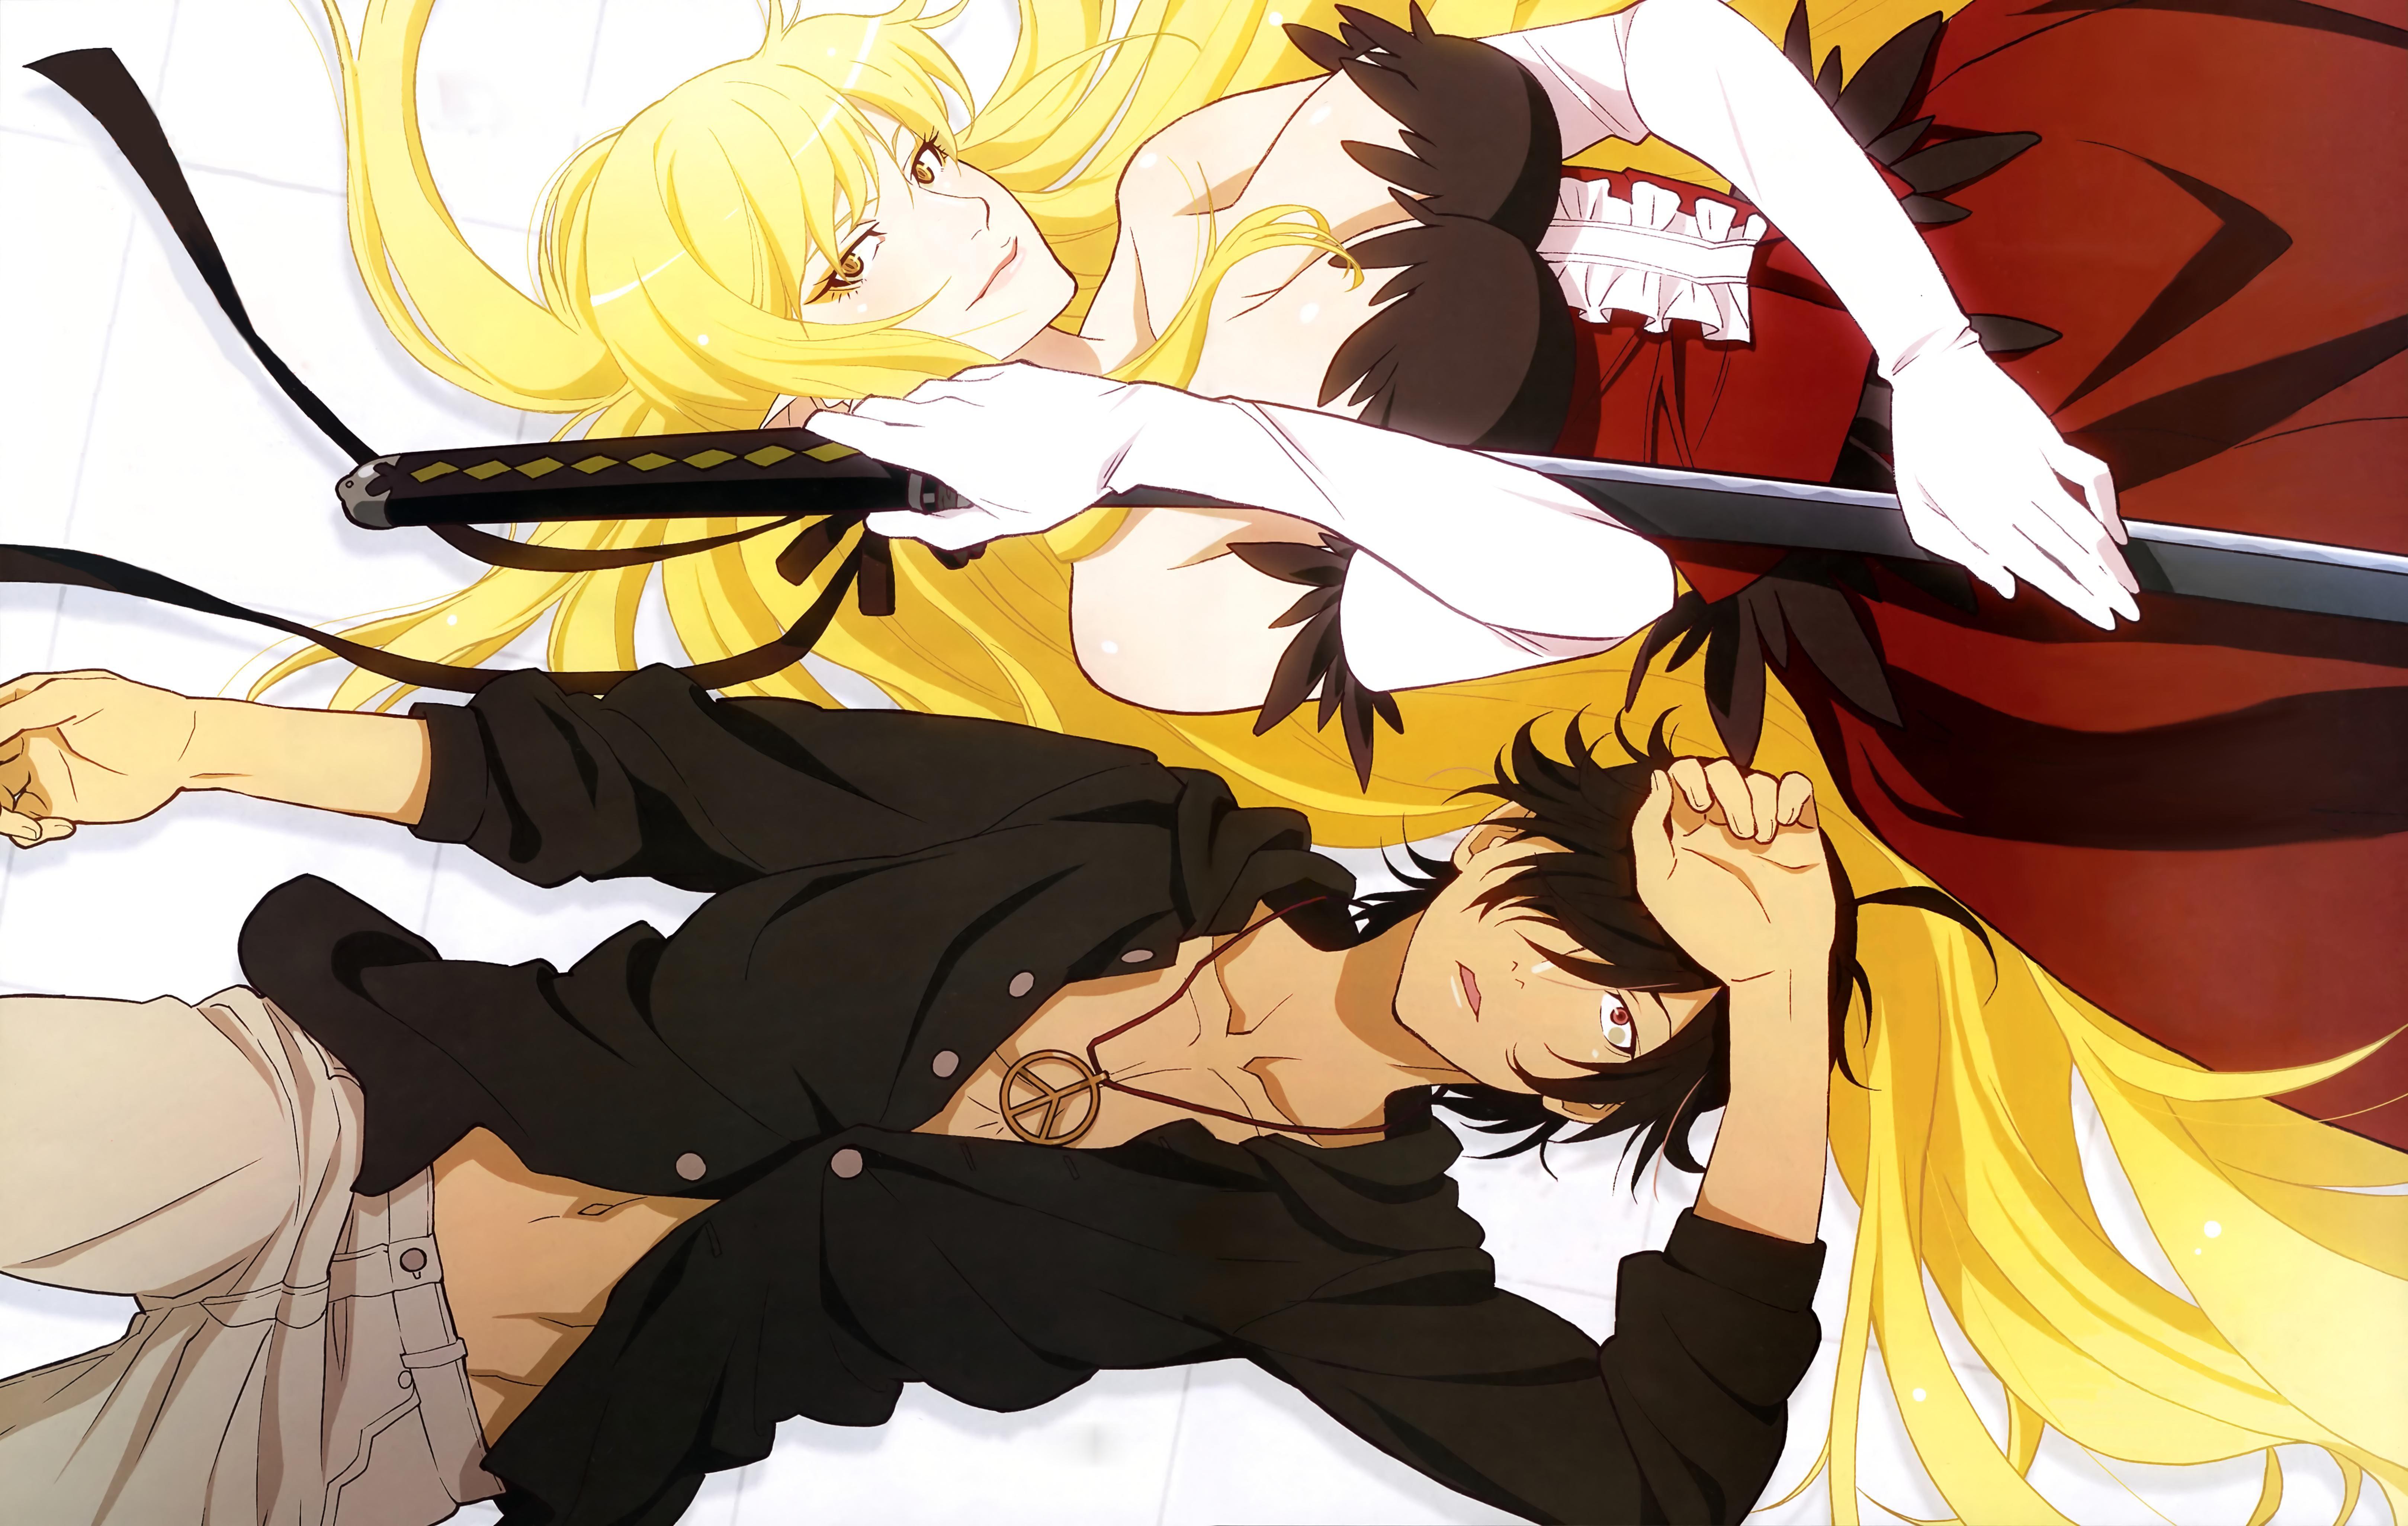 Araragi Kiss Shot Hd Wallpaper From Gallsourcecom Sasa Anime